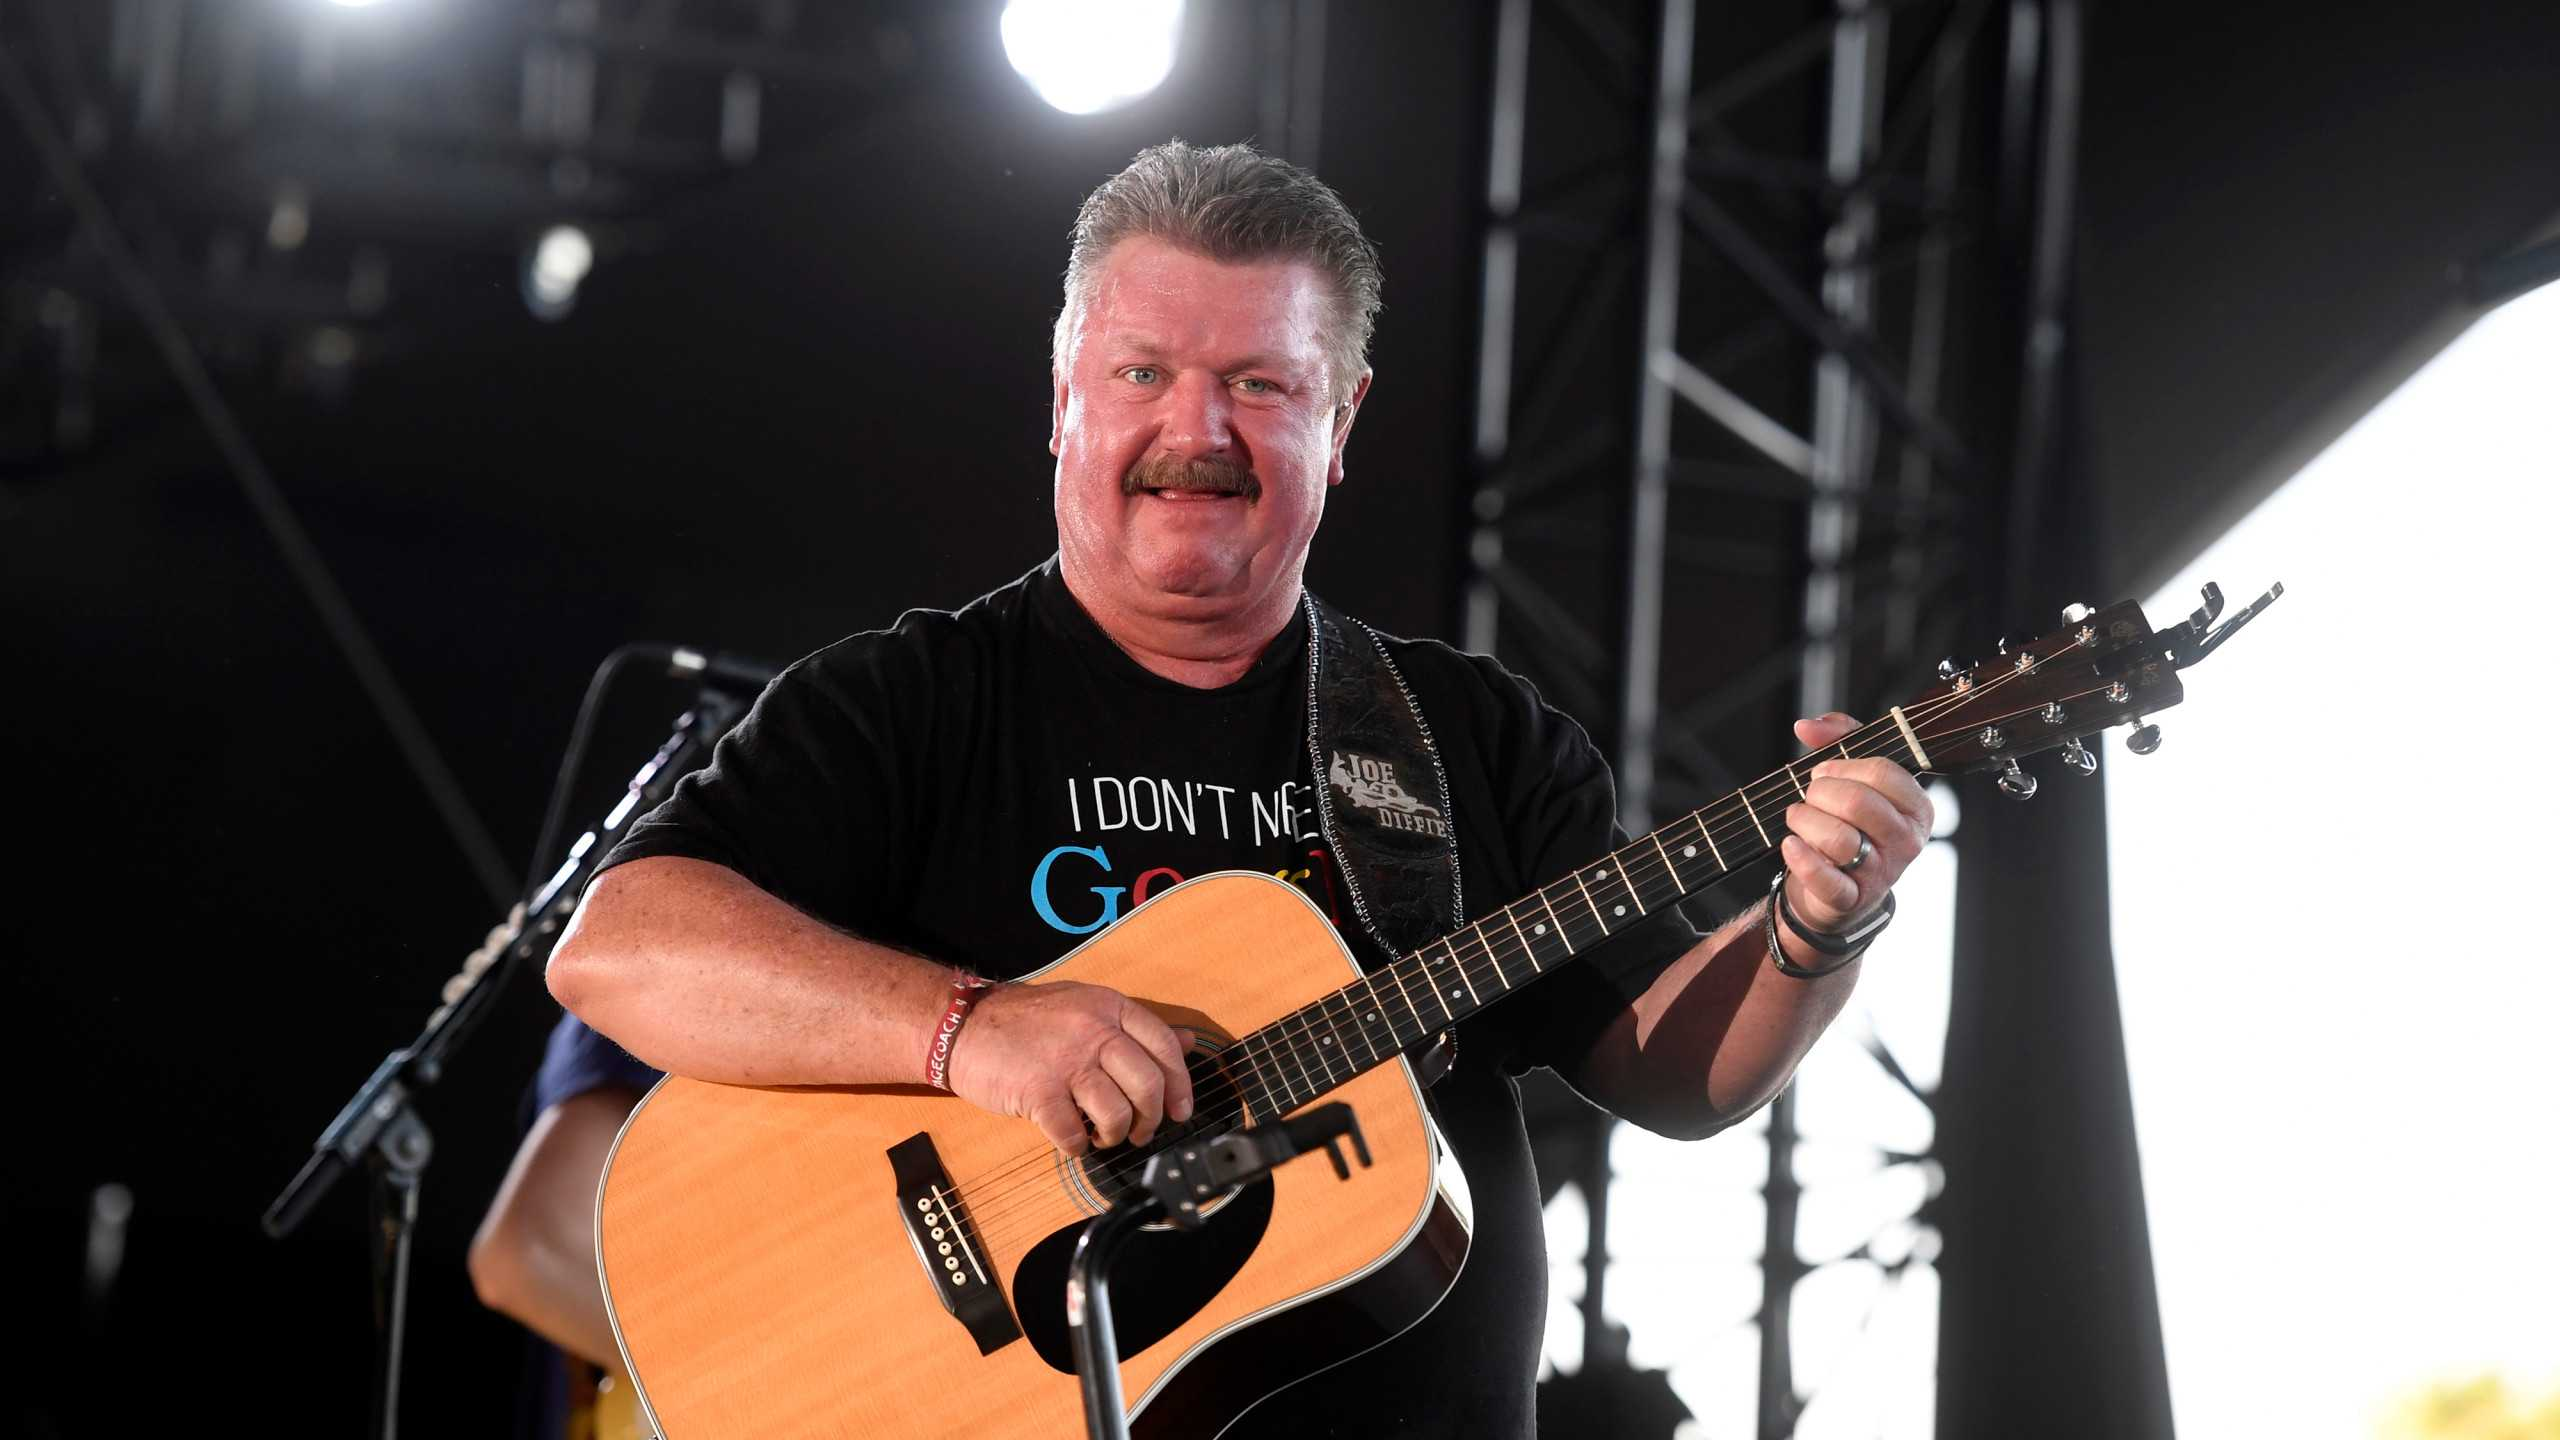 Nie żyje Joe Diffie. Słynny amerykański muzyk country zmarł zakażony koronawirusem.